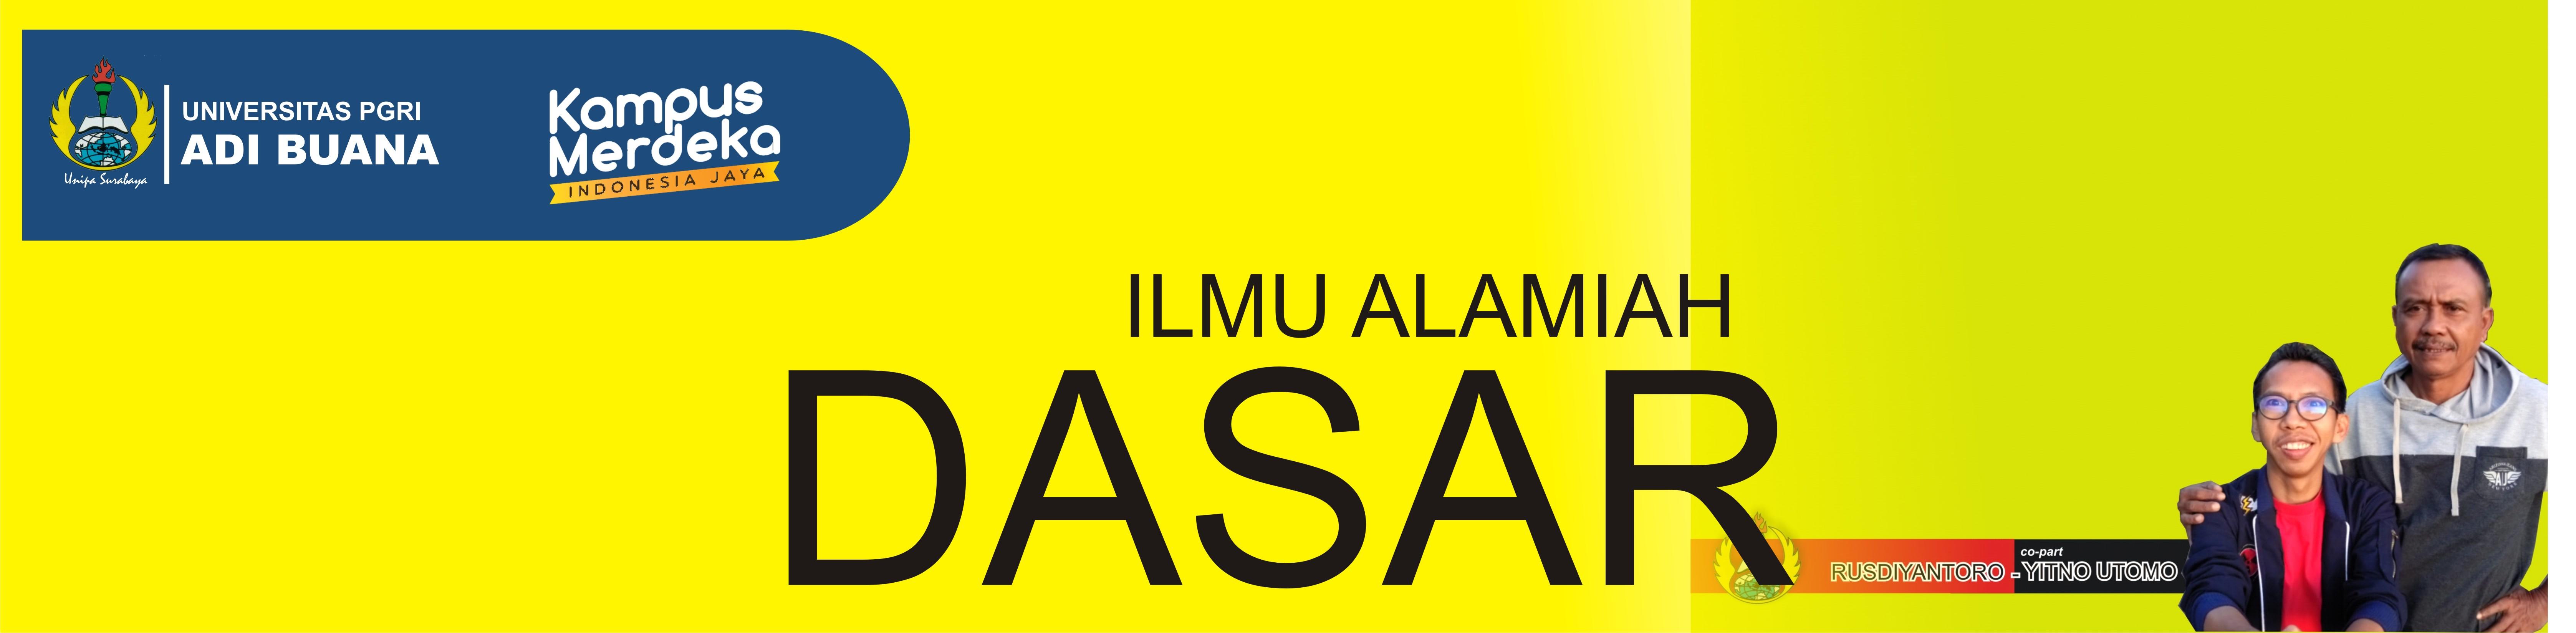 2020 - A1 - ILMU ALAMIAH DASAR